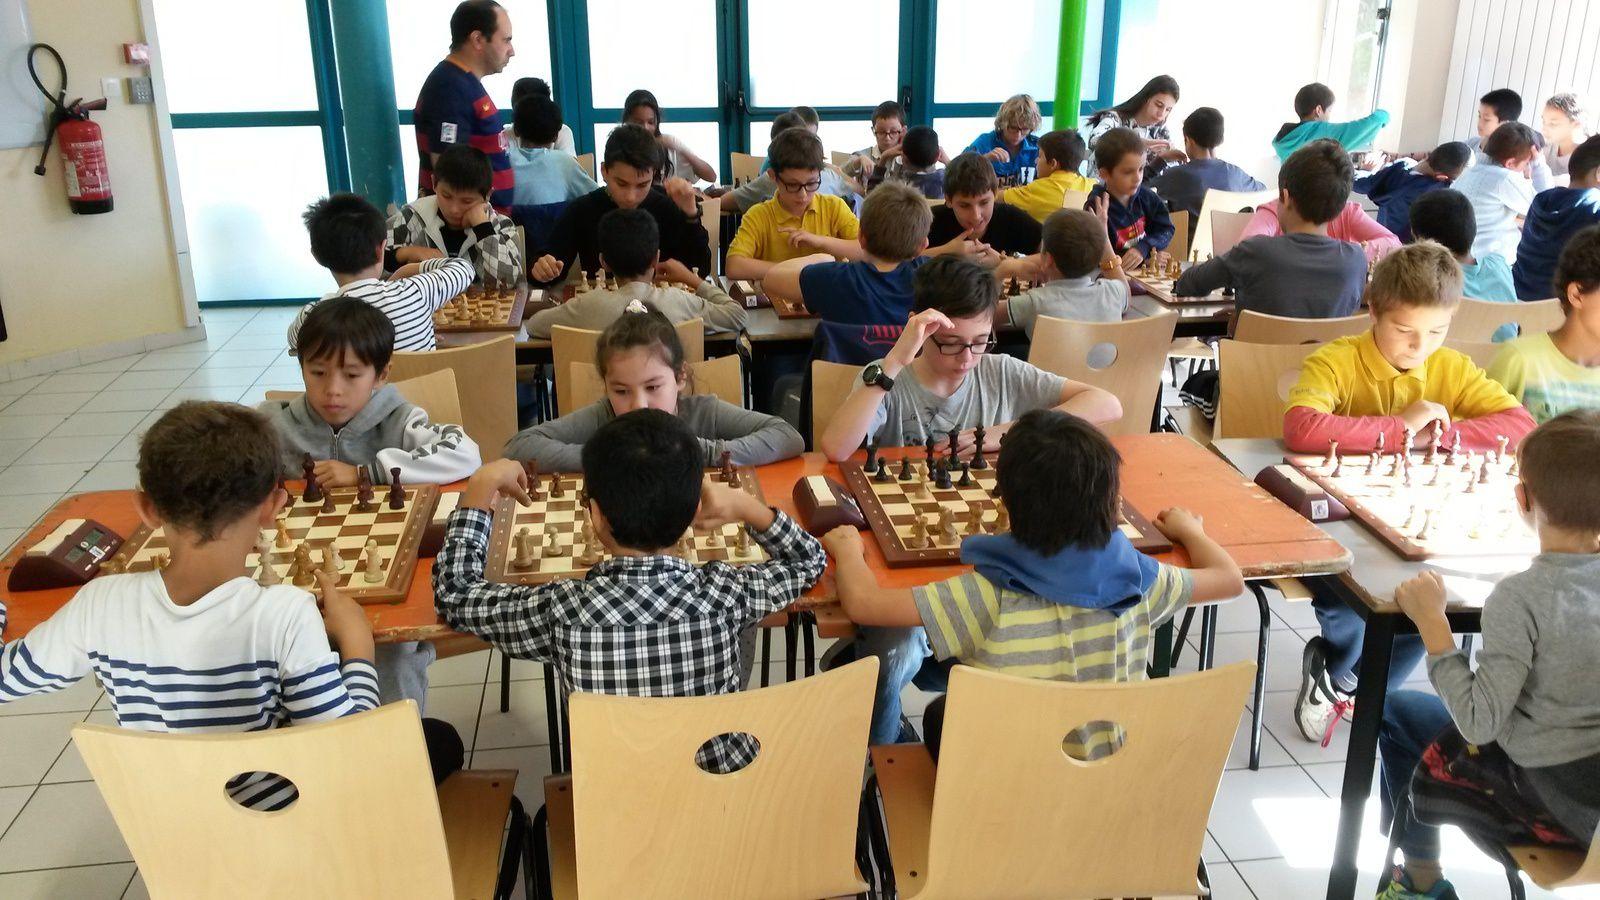 TIP Martigues ce weekend : Gros succès pour nos enfants !